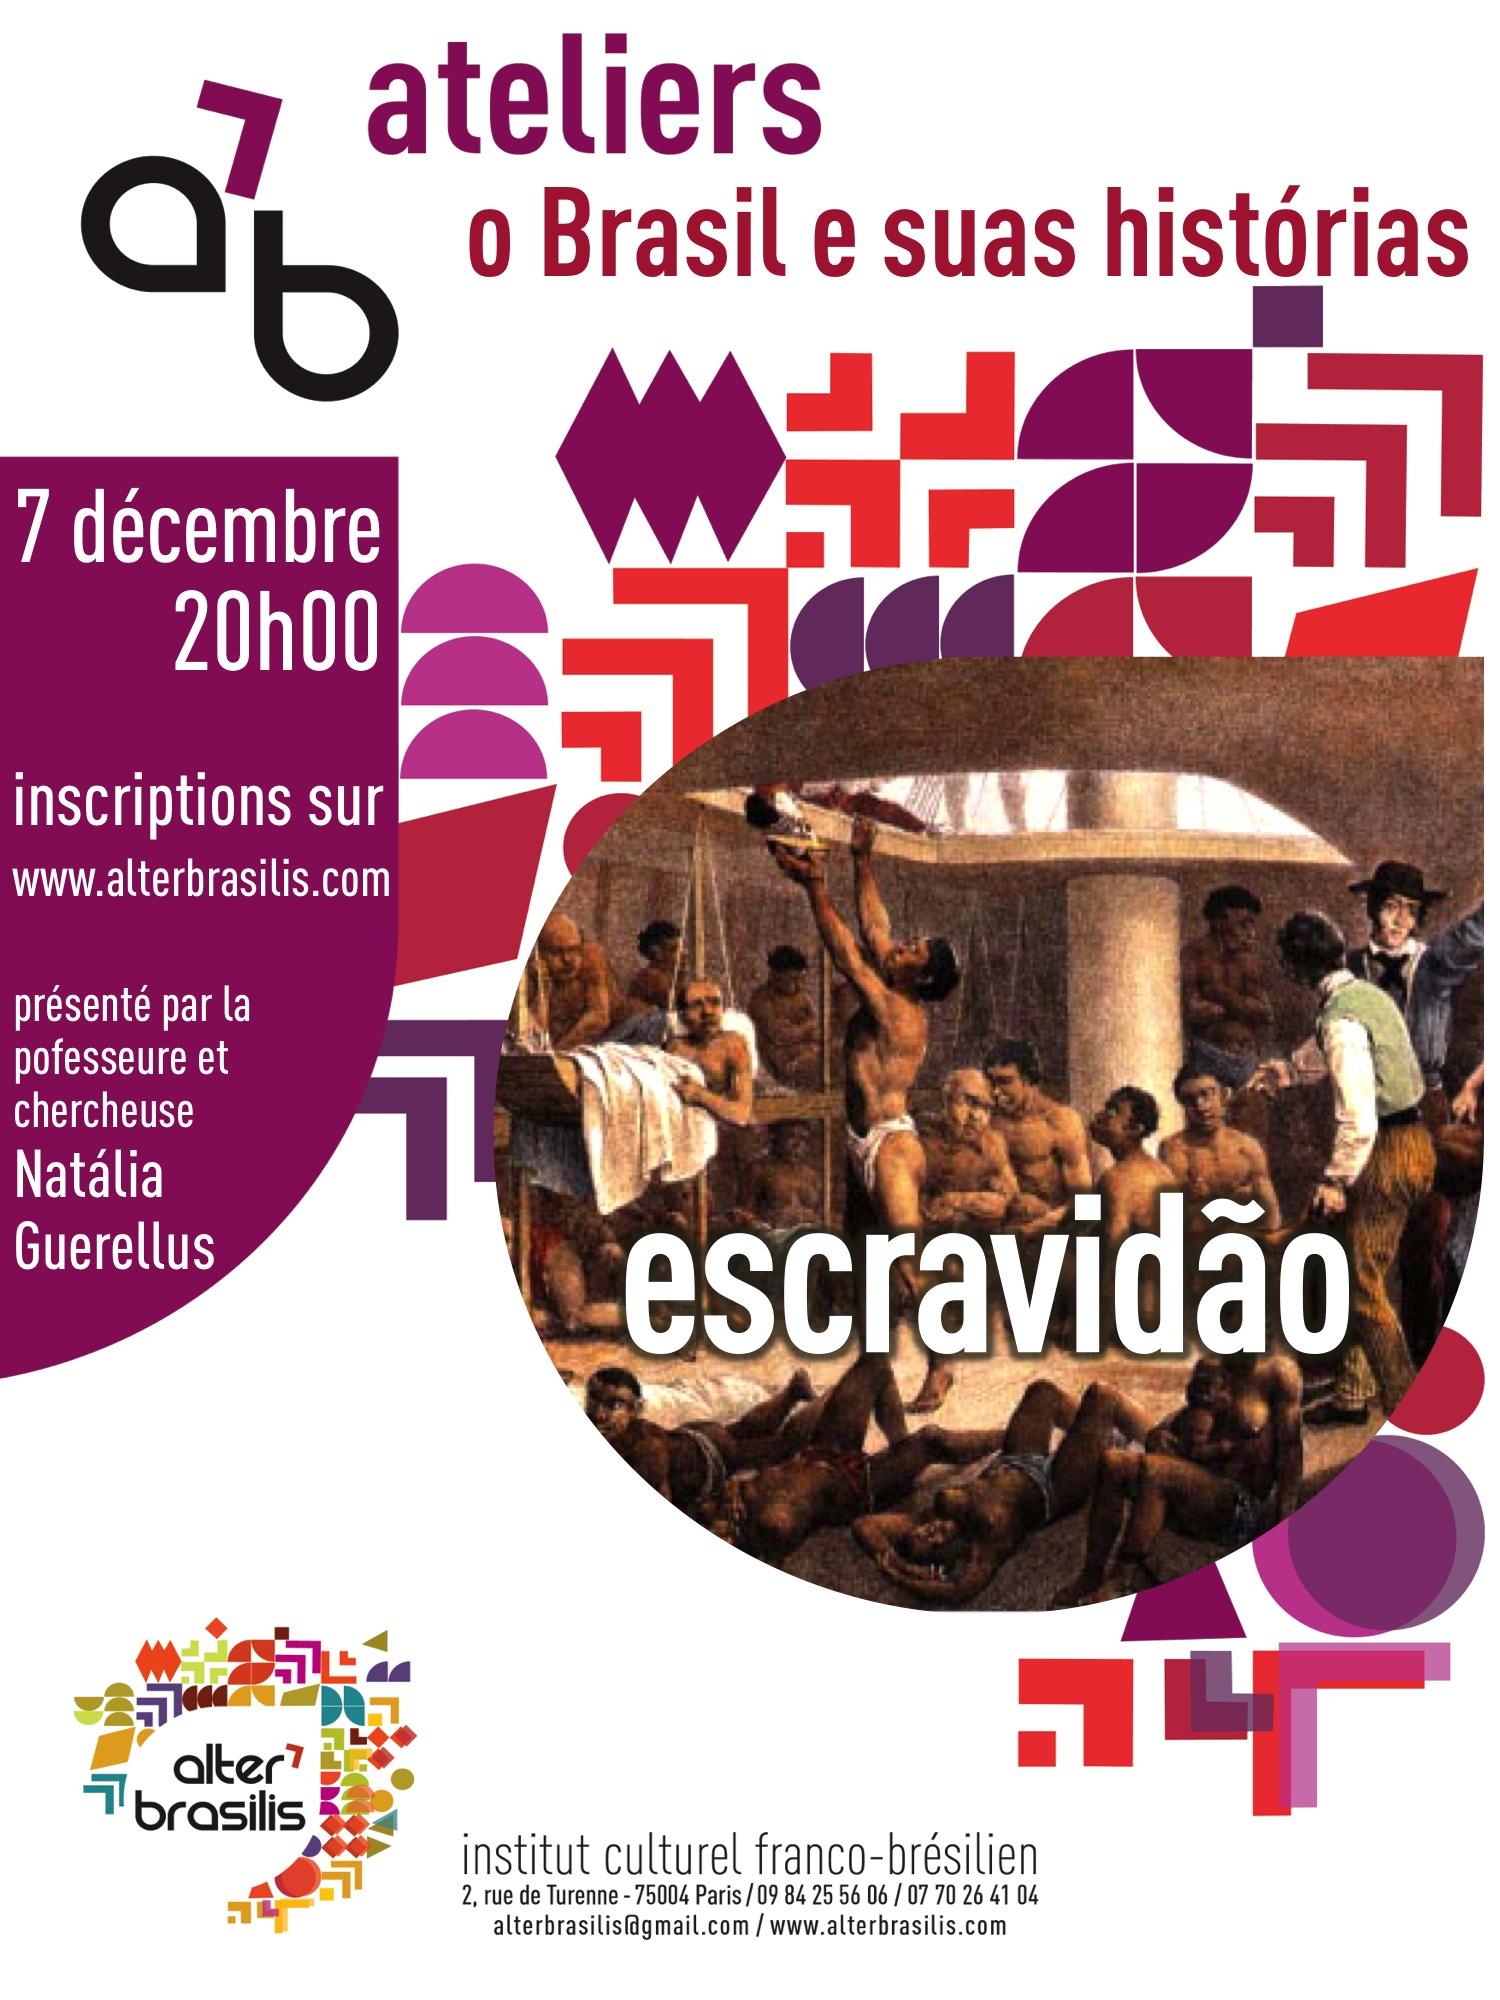 cartaz-o-brasil-e-suas-historias-escravidao